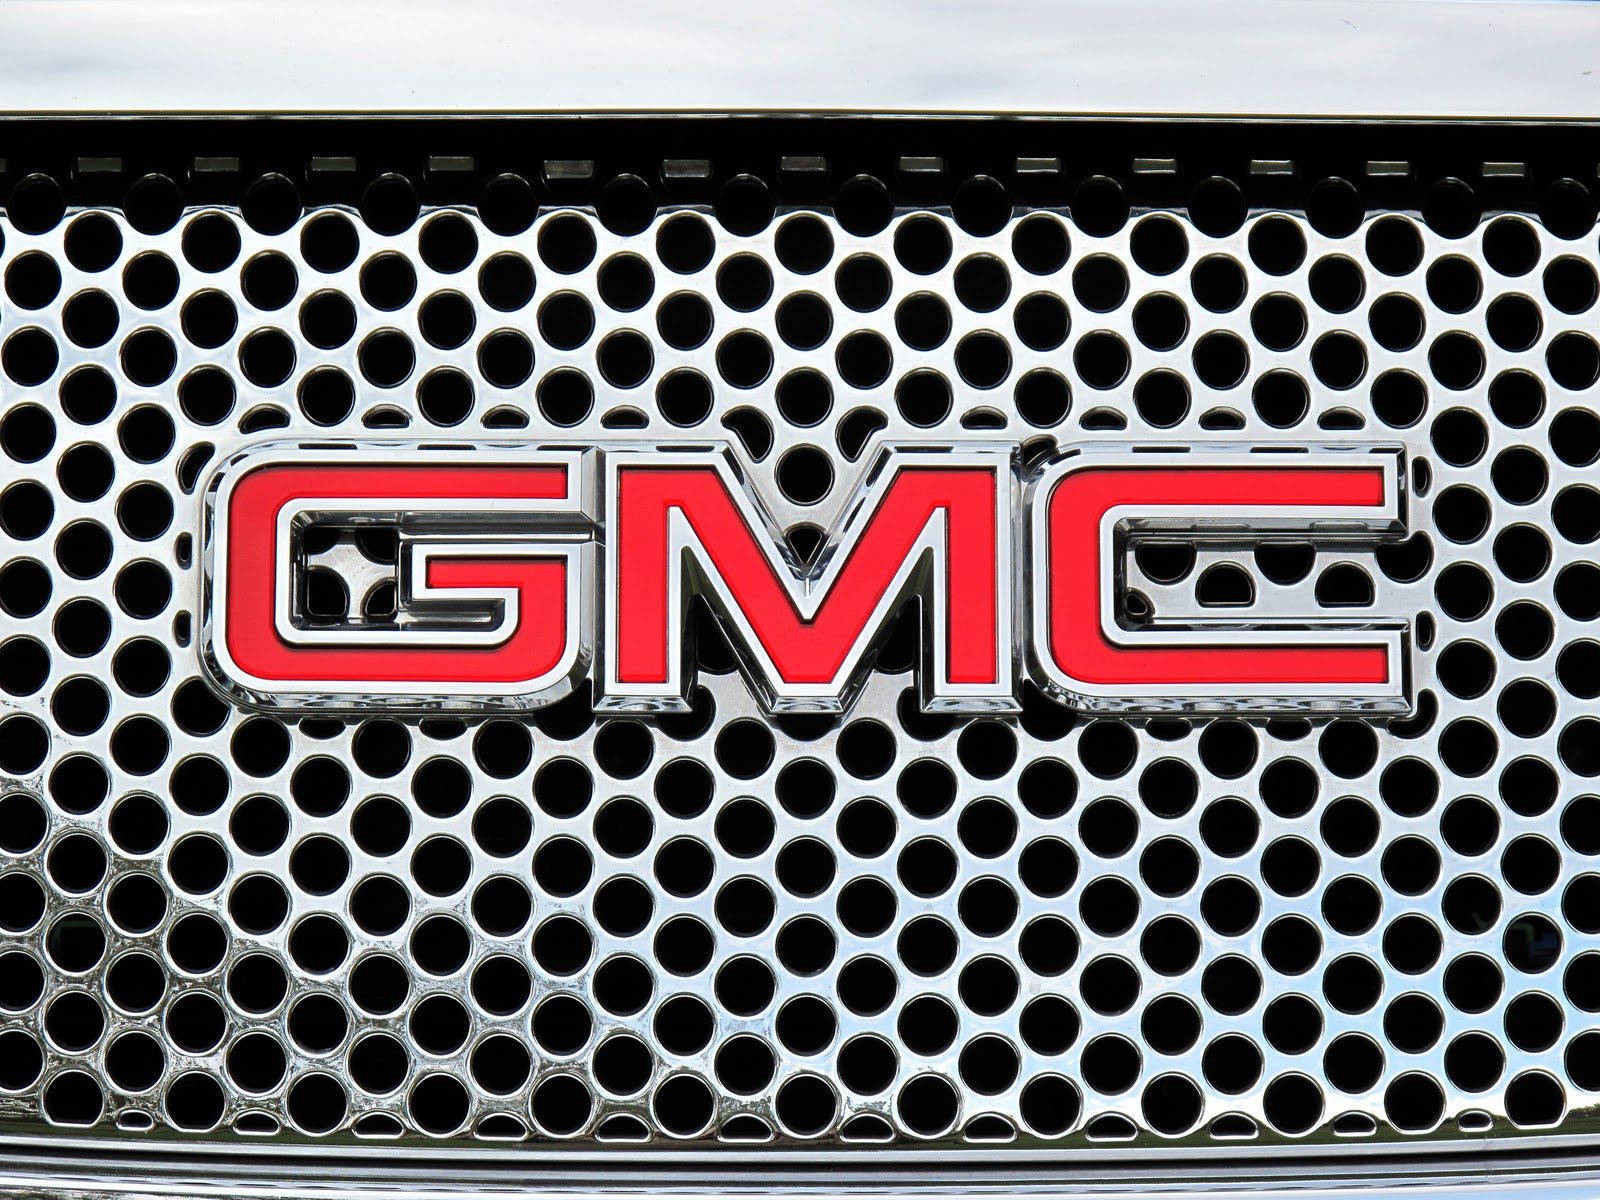 Gmc Logo Gmc Car Symbol Meaning And History Car Brand Names Com